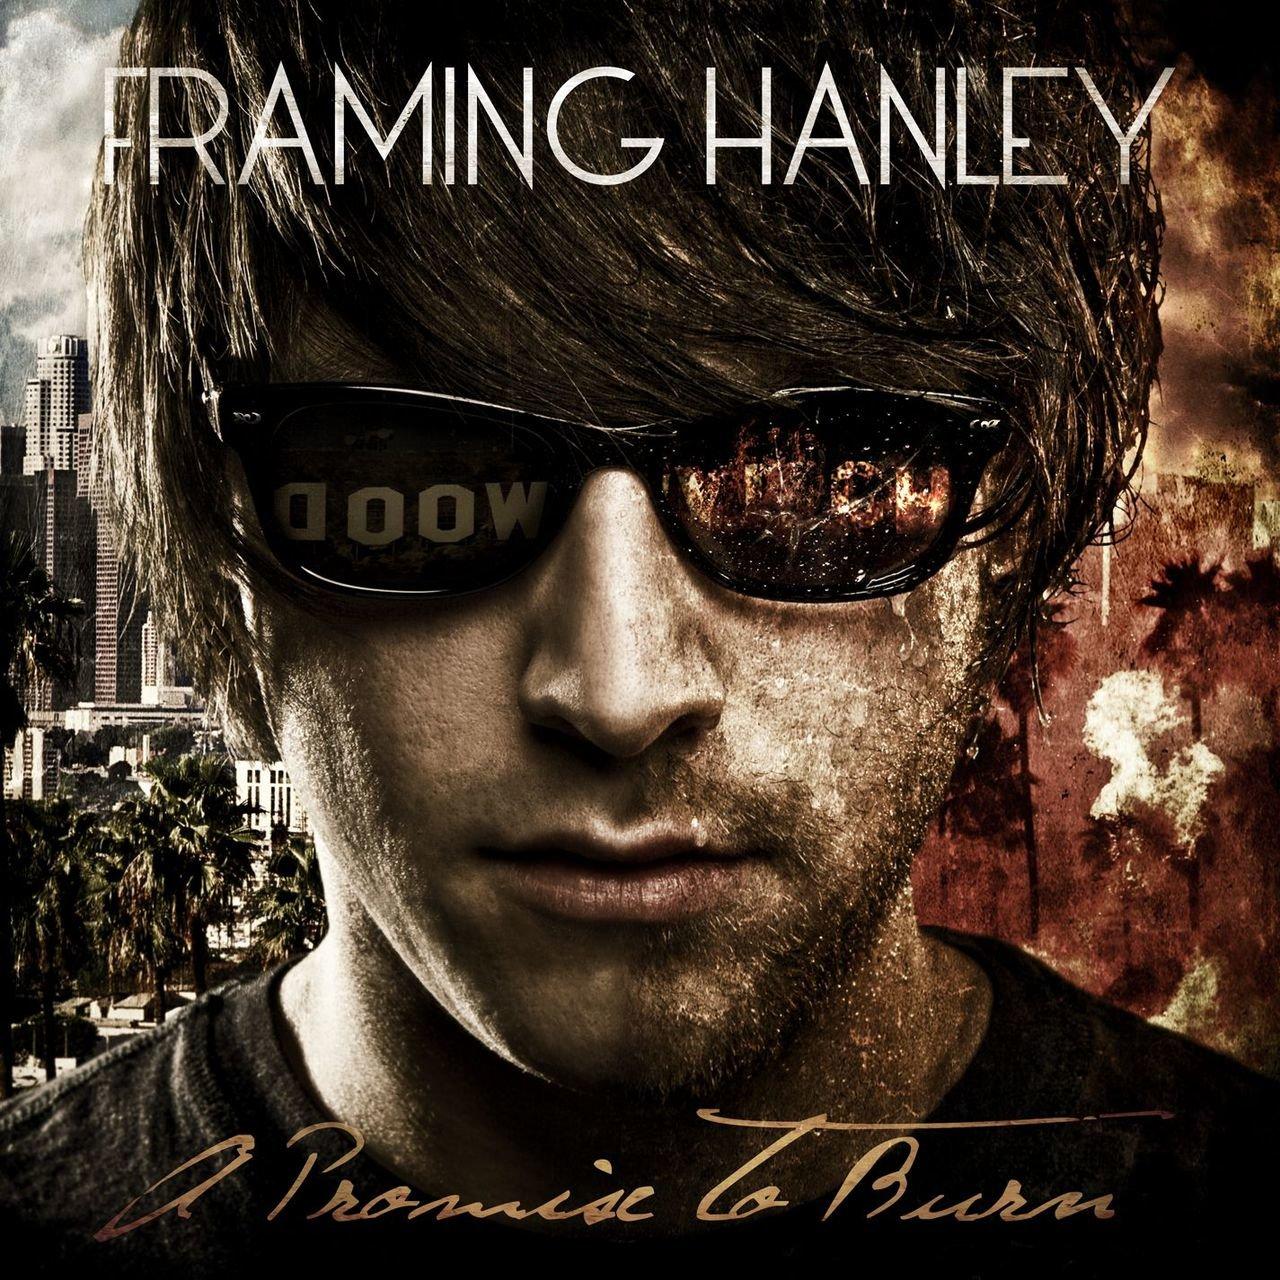 TIDAL: Listen to Framing Hanley on TIDAL